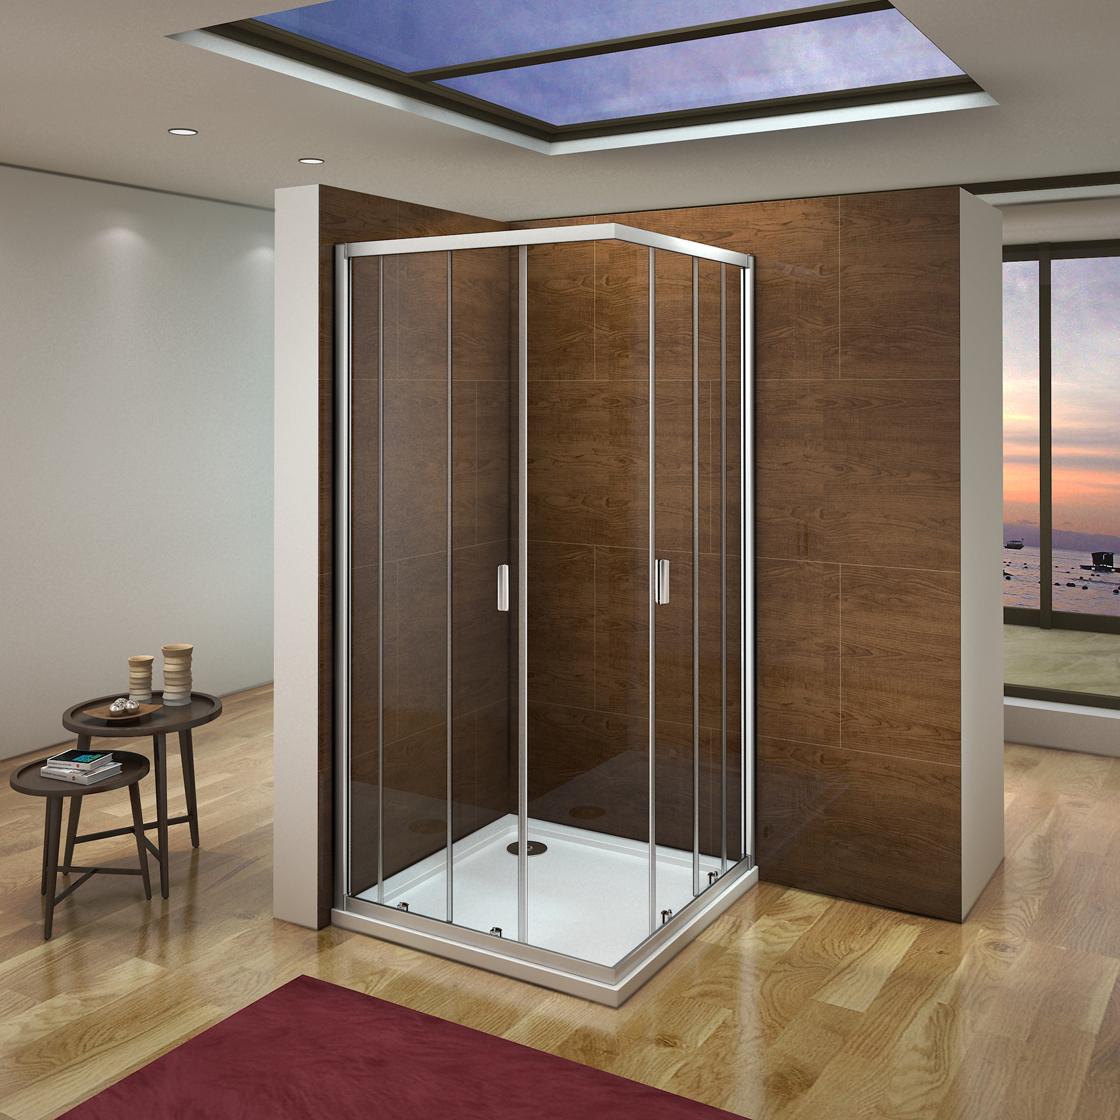 90x90x185cm duschkabine duschabtrennung eckeinstieg schiebet r duscht r dusche ebay. Black Bedroom Furniture Sets. Home Design Ideas